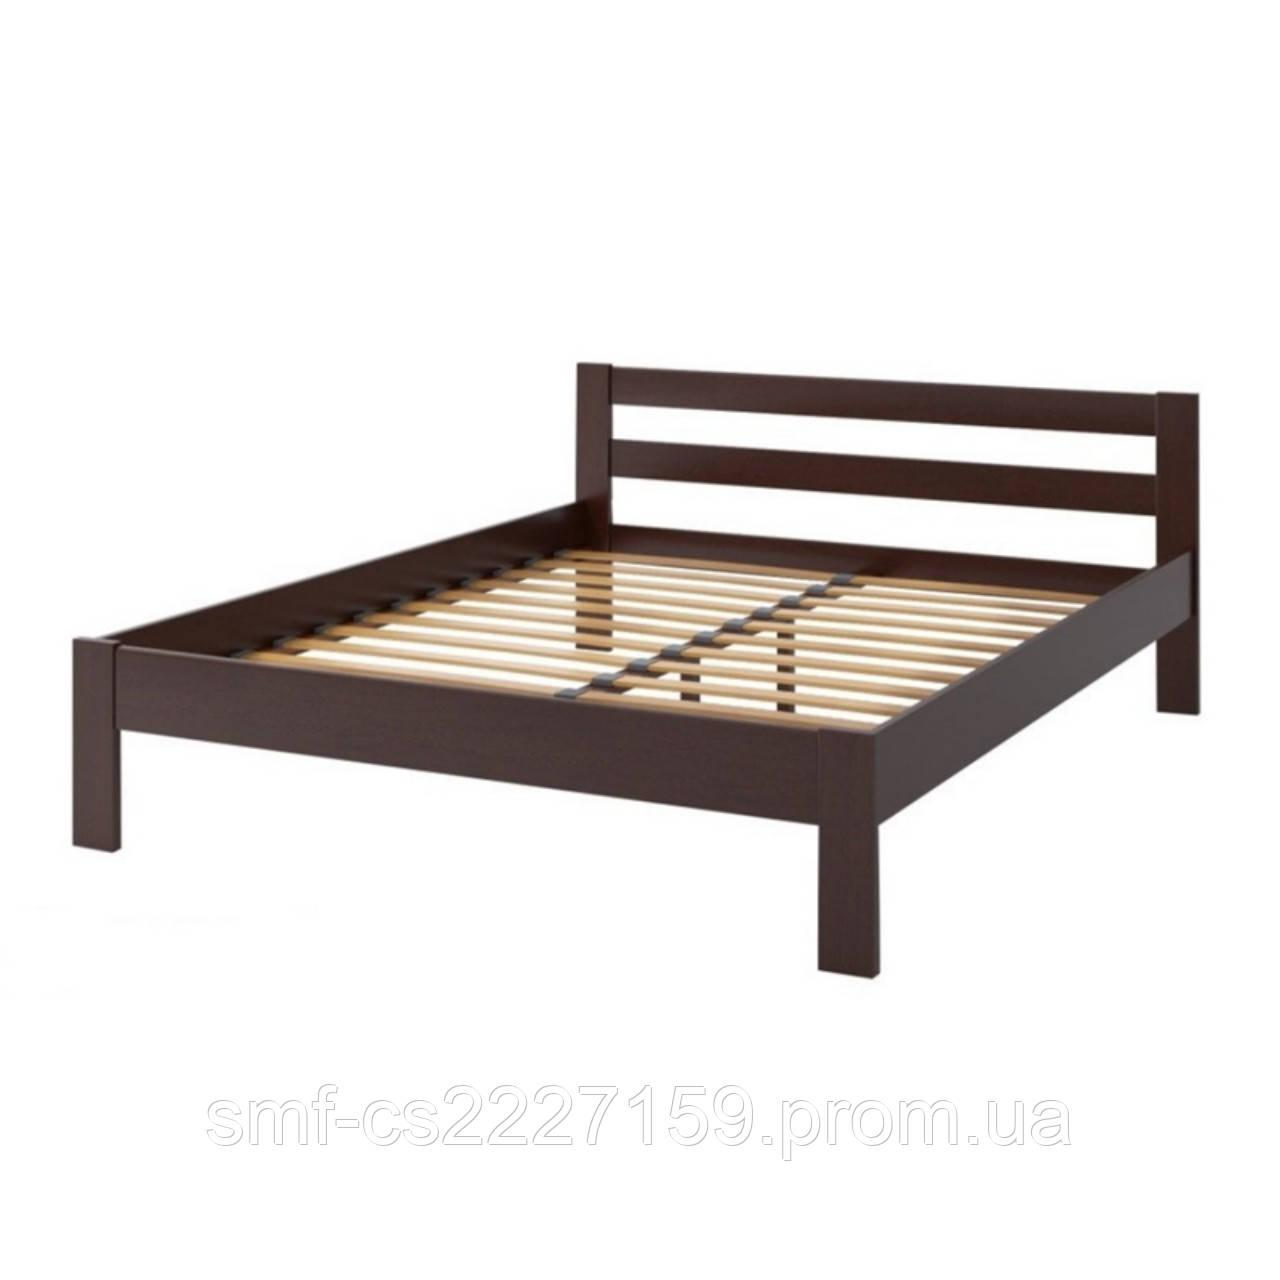 """Ліжко двоспальне """" Економ """"  з натурального дерева  вільхи."""